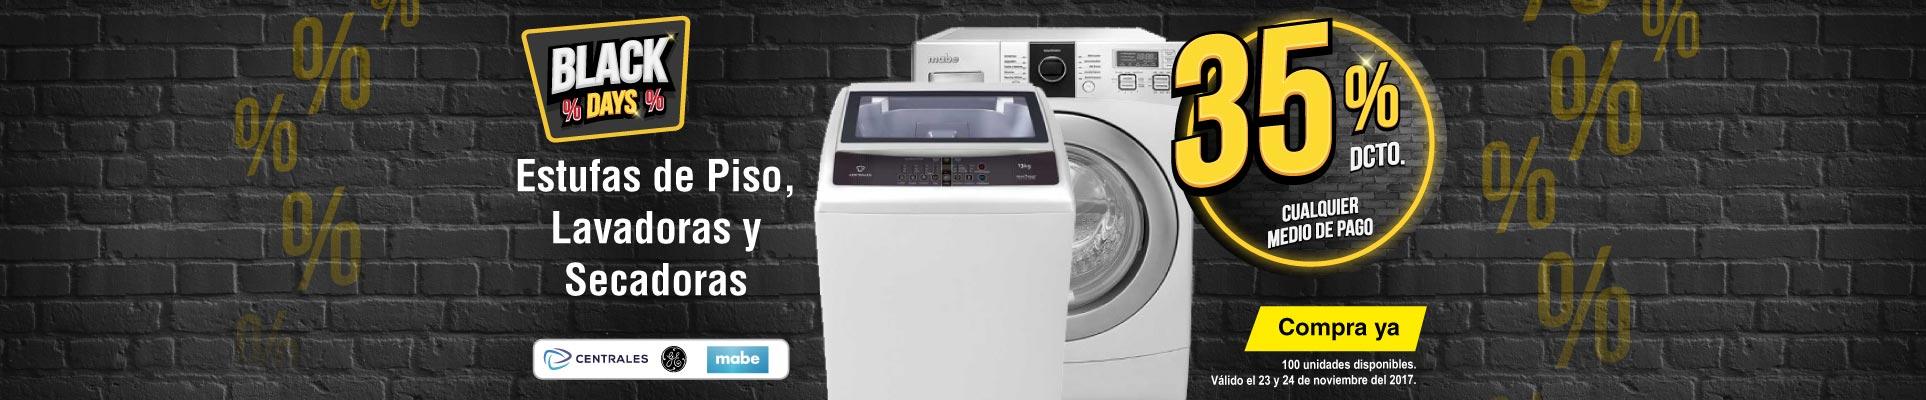 PPAL ALKP-7-lb-lavado y secado mabe-cat-noviembre23-24-blackfriday